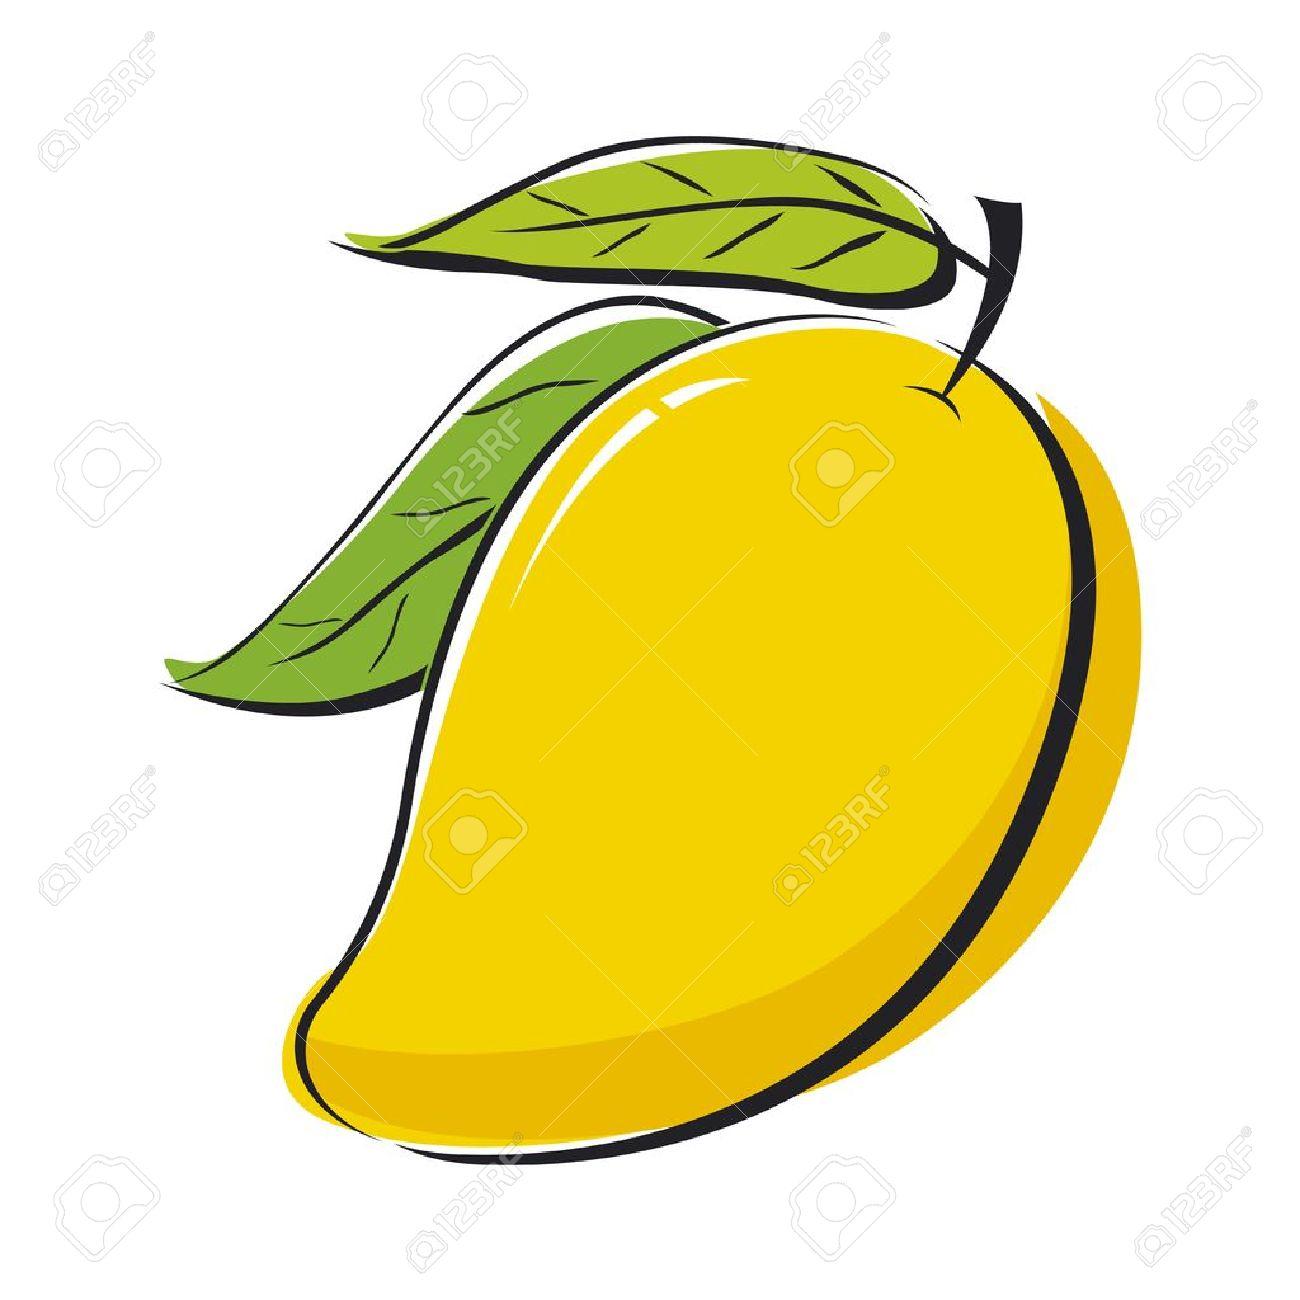 Mango design.